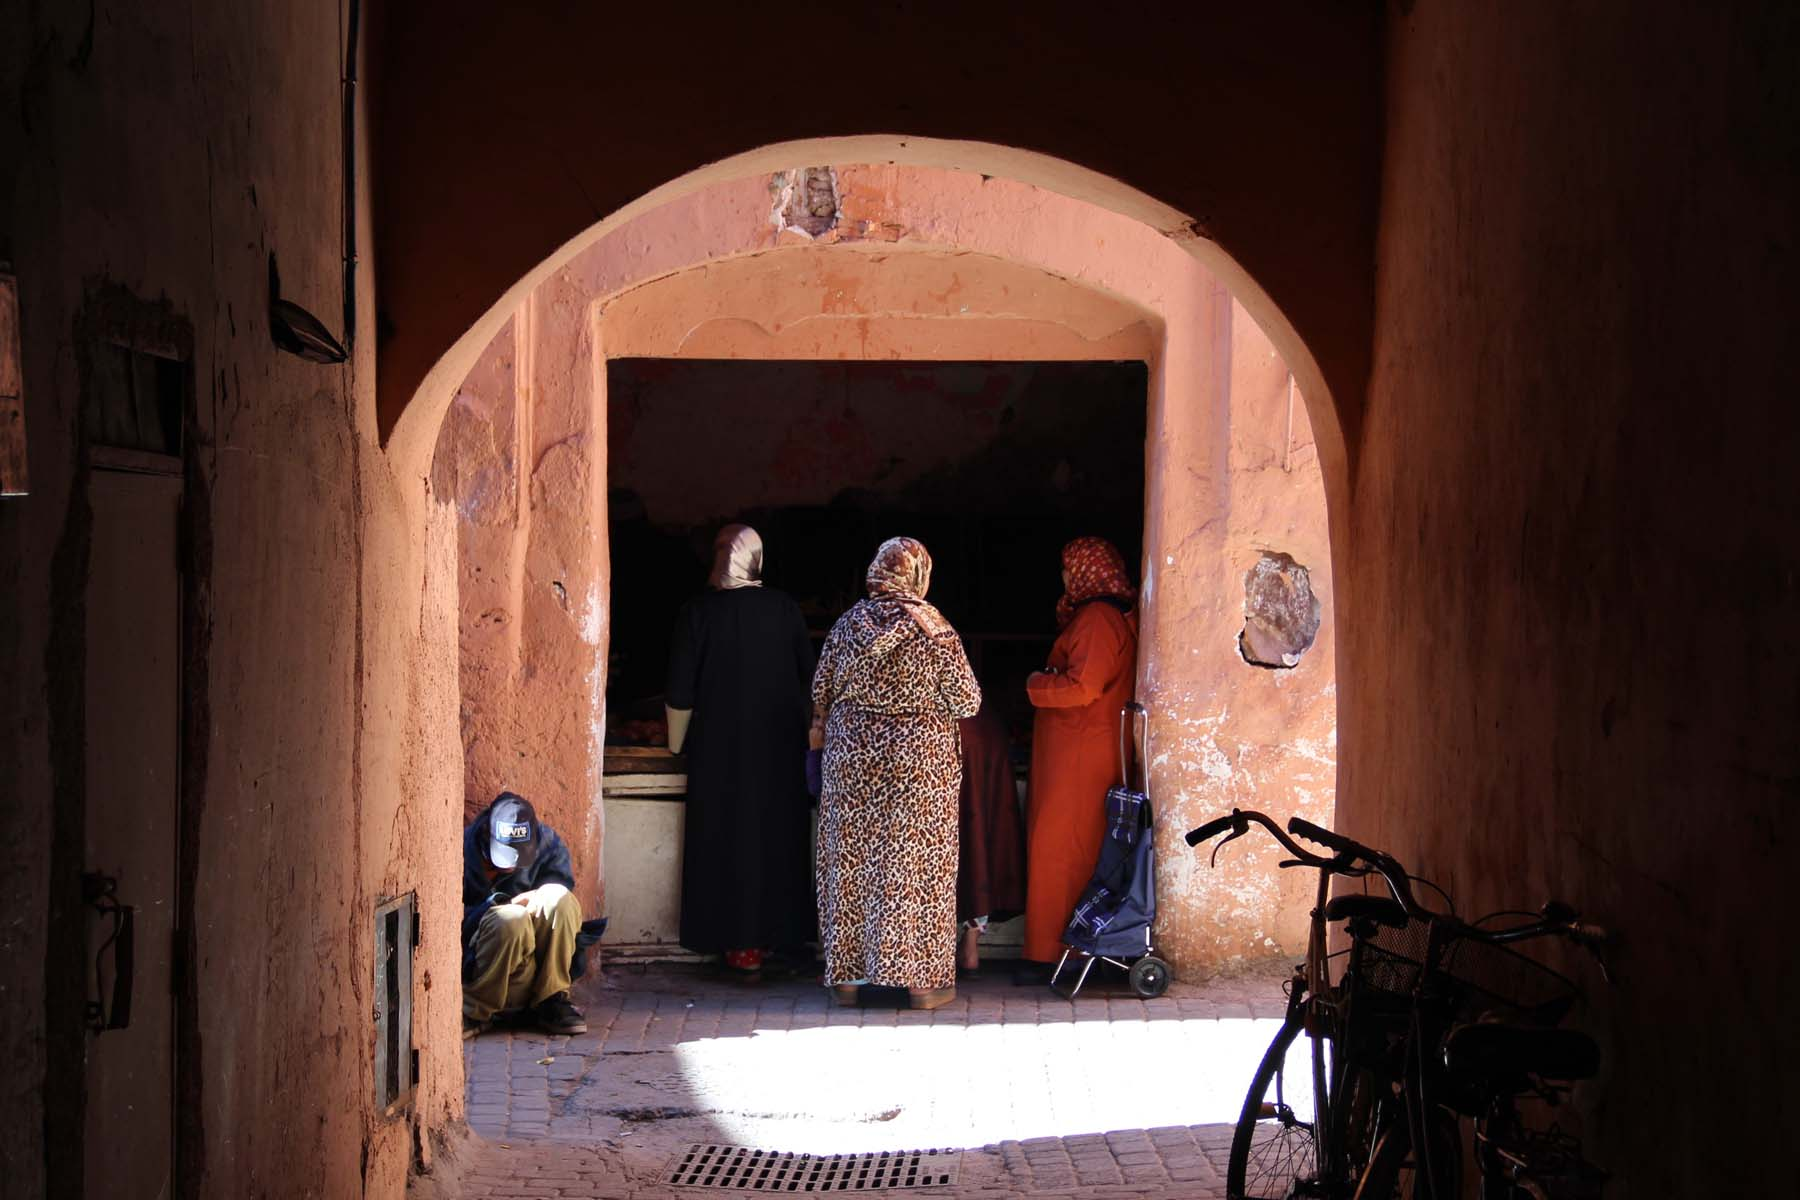 Women in Marrakech souk